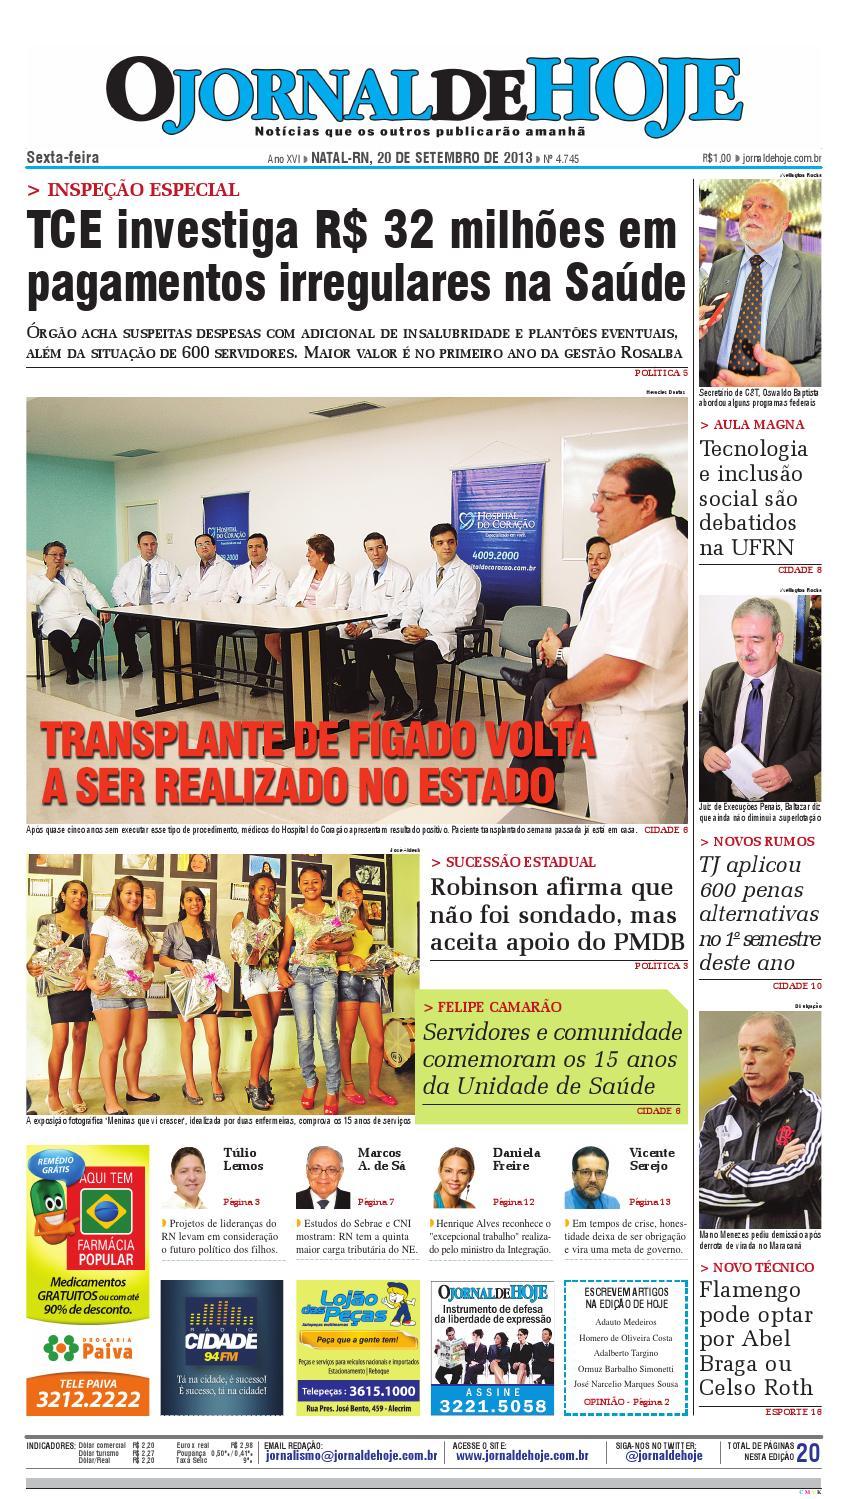 c295e941ee7e5 20092013 by Marcelo Sá - issuu